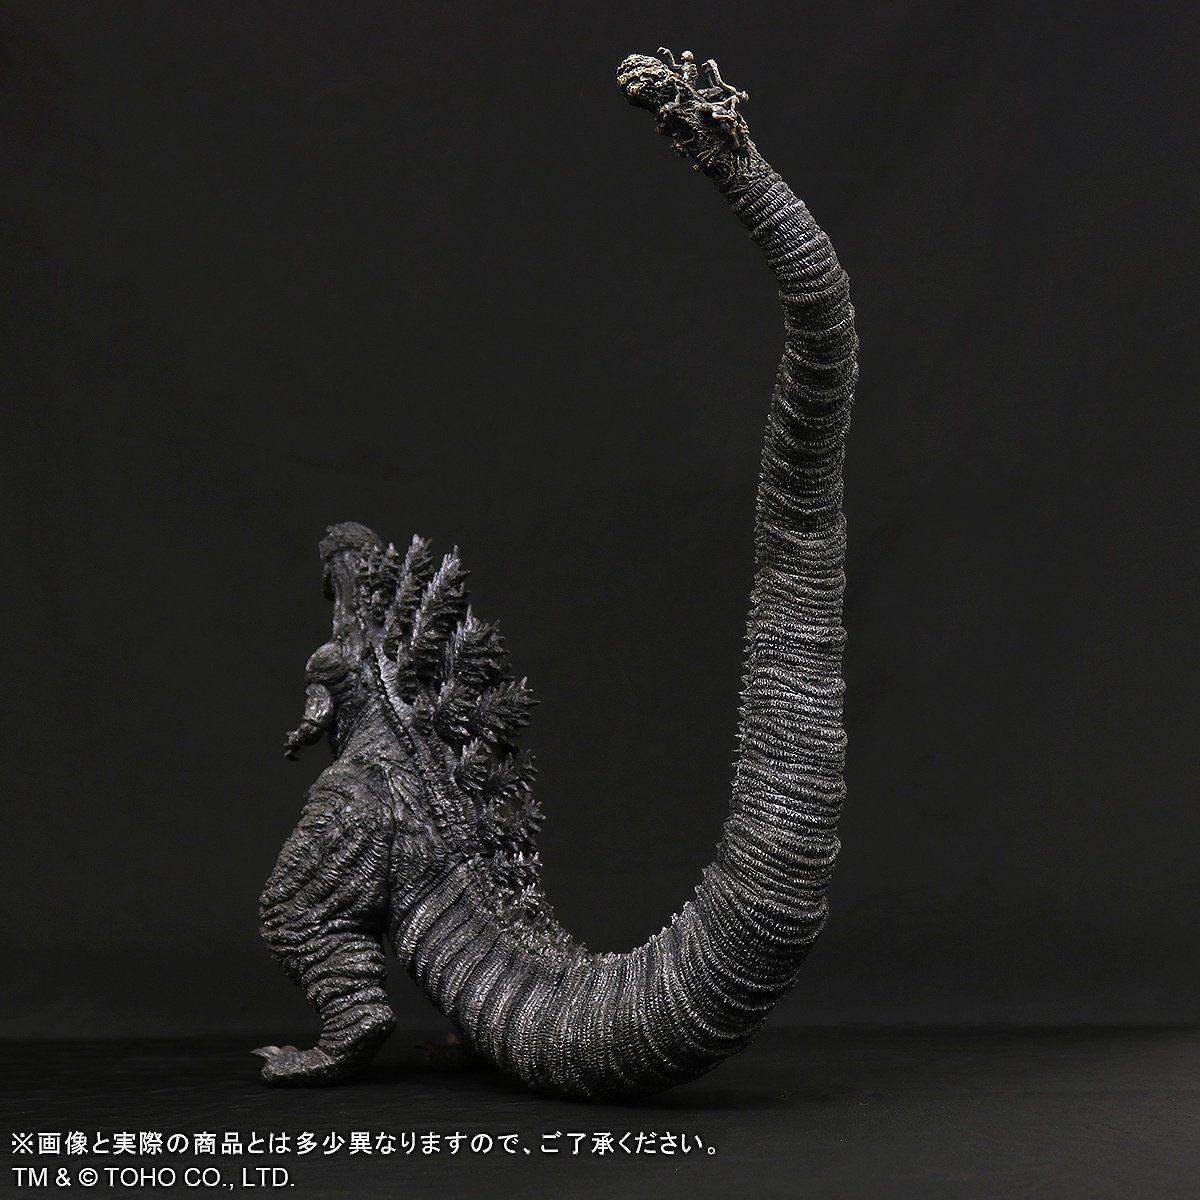 東宝大怪獣シリーズ『ゴジラ(2016)凍結Ver.』シン・ゴジラ 完成品フィギュア-006